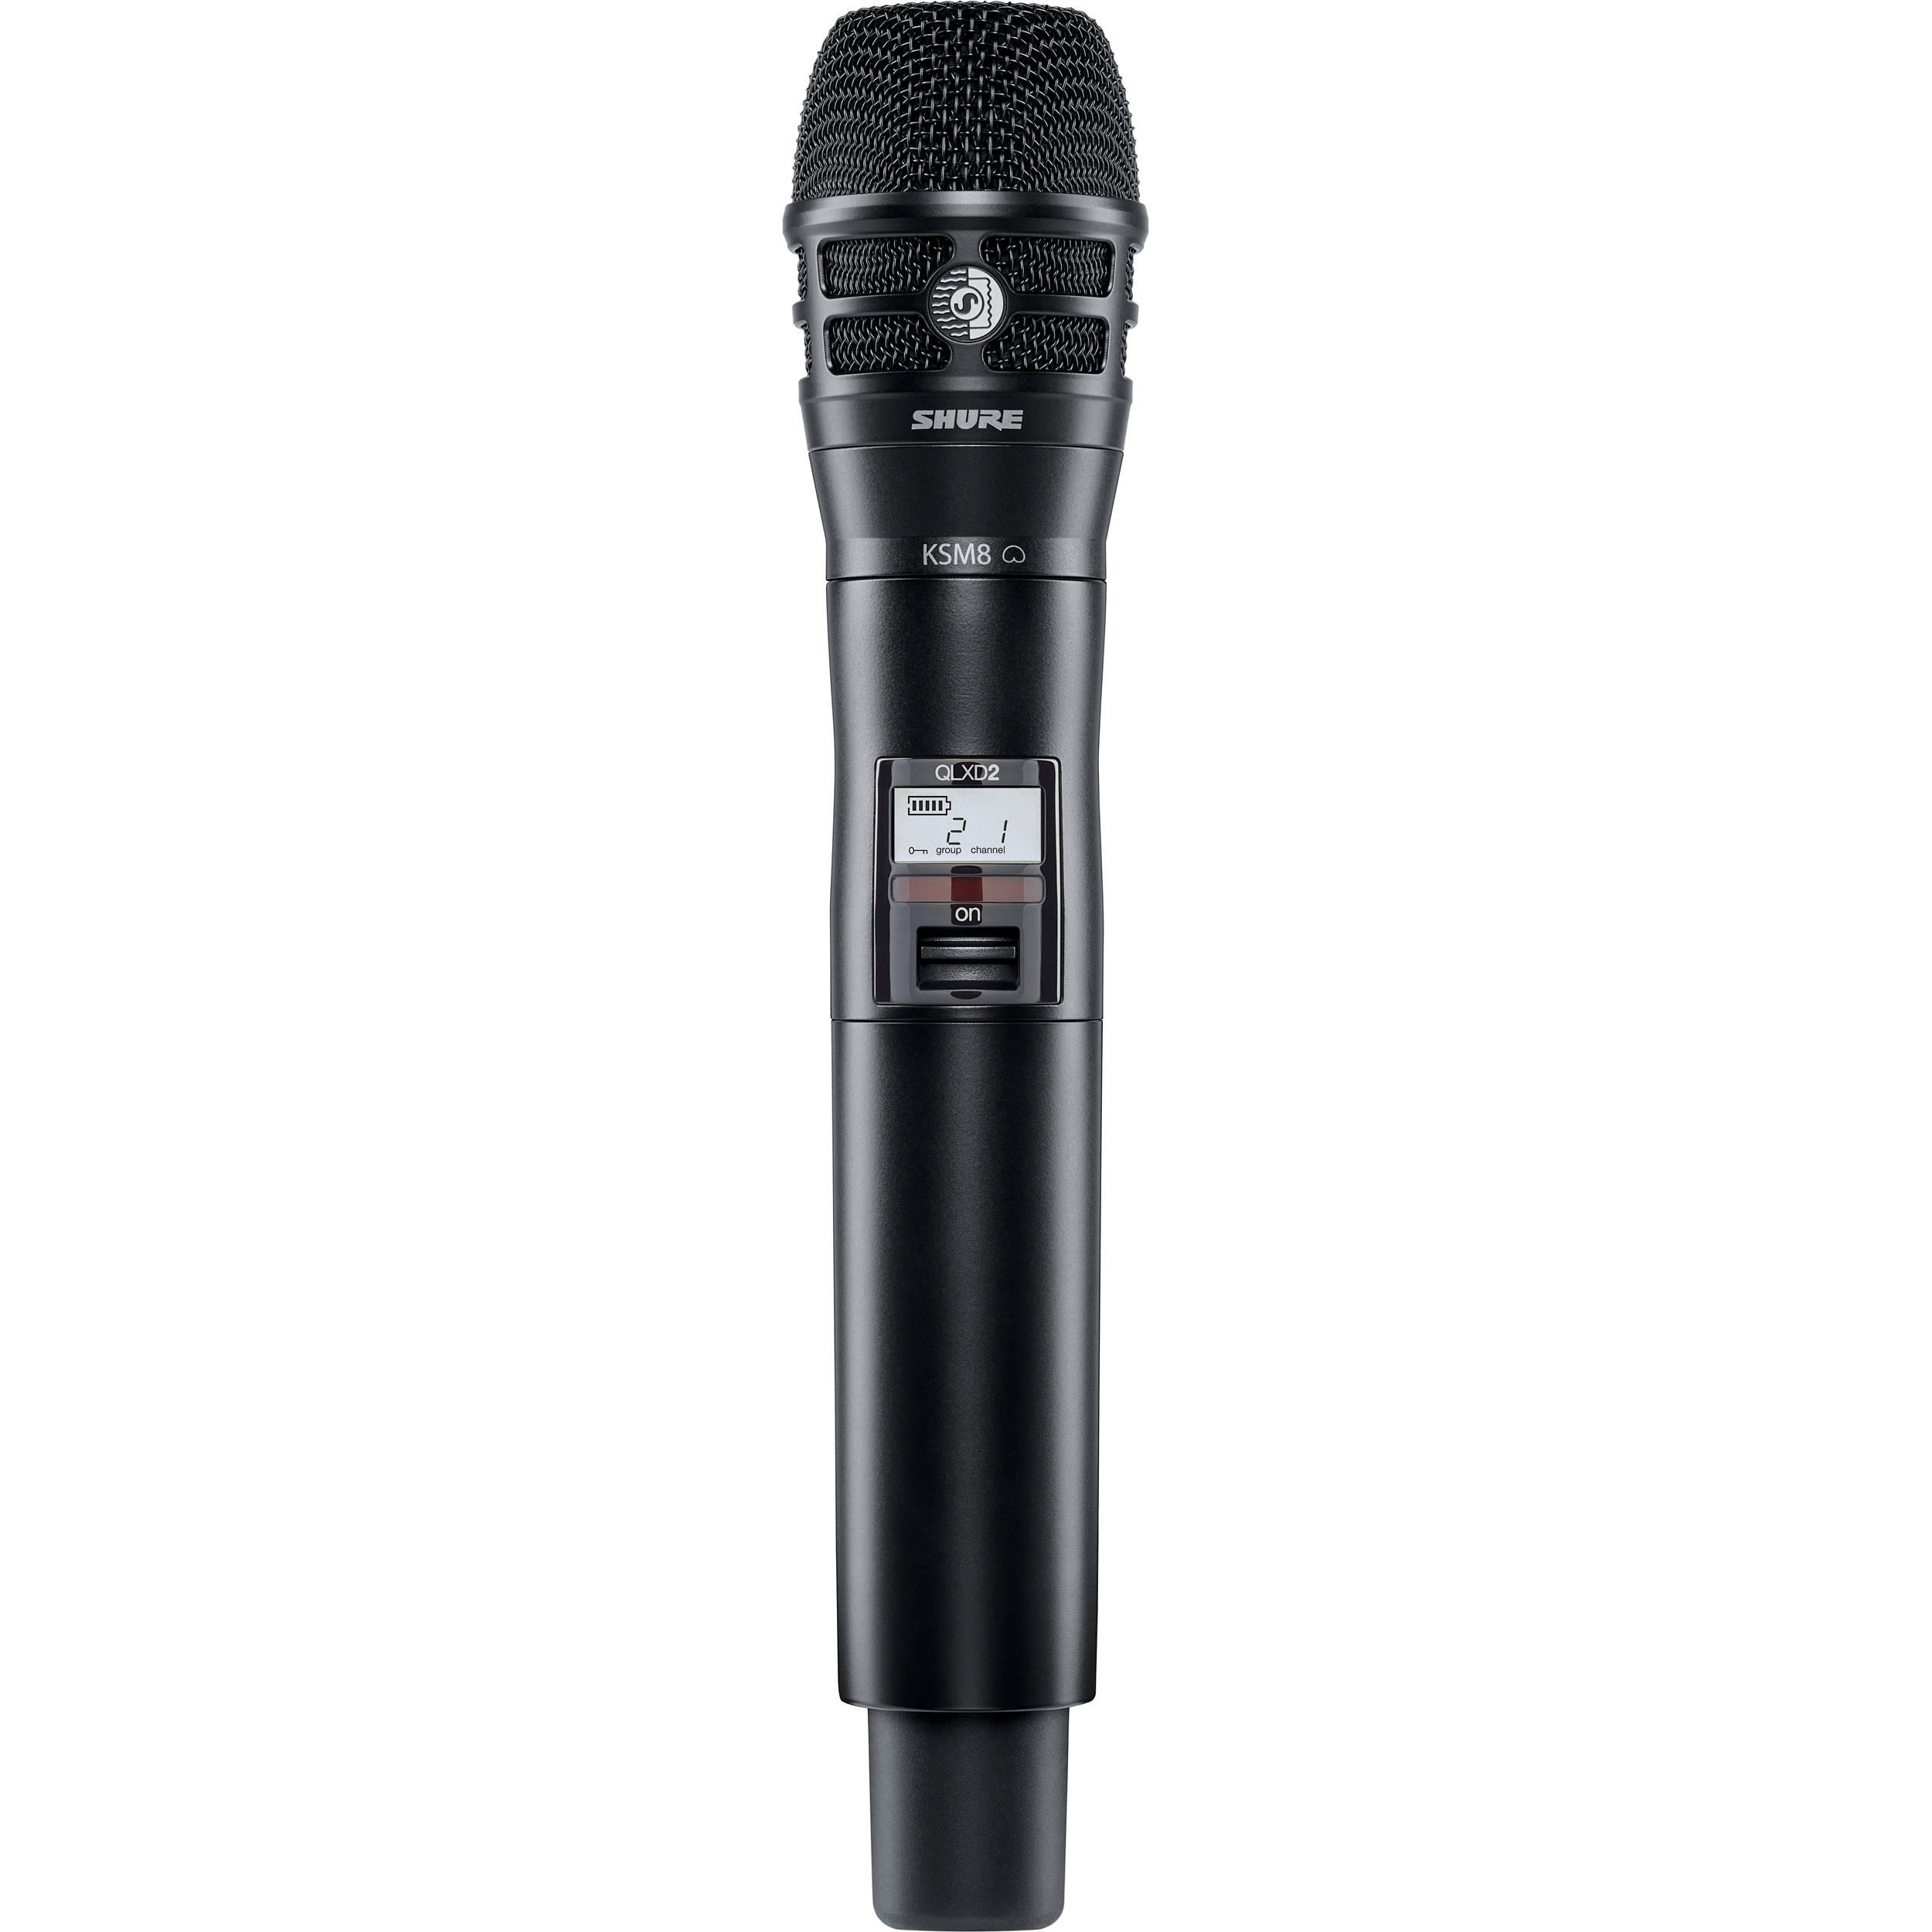 Handheld Wireless Microphone Transmitter : shure qlxd2 ksm8 digital handheld wireless qlxd2 k8b h50 b h ~ Hamham.info Haus und Dekorationen